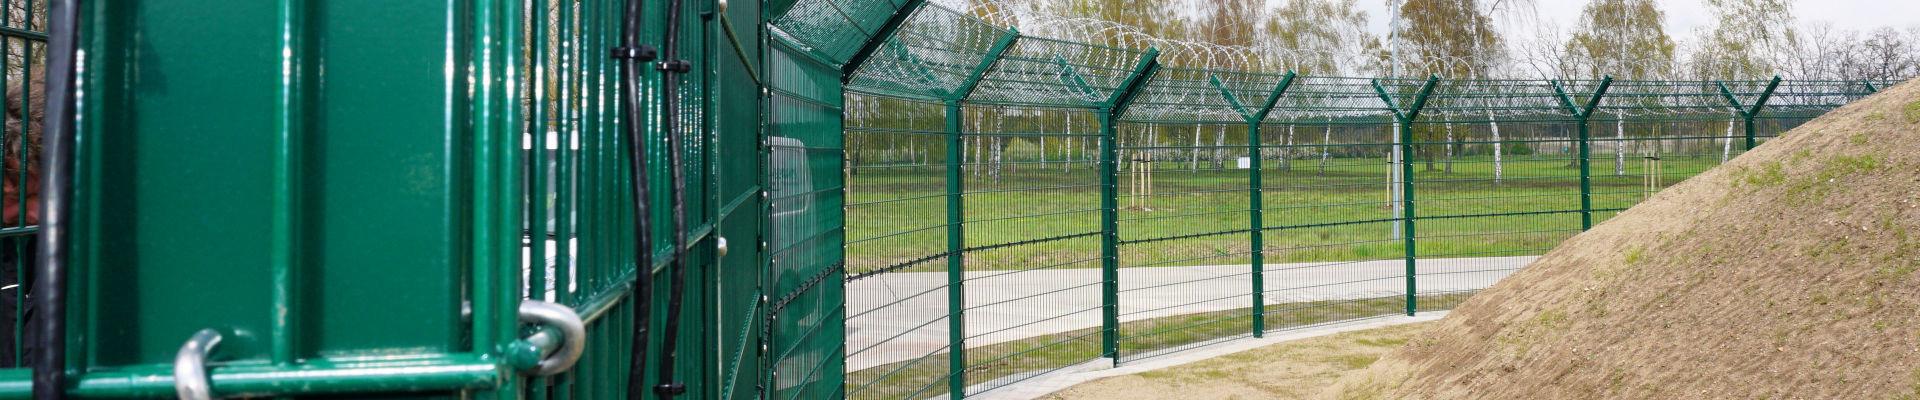 Elektronisch überwachter Zaun INOVA PeriNet Liniensensor von Berlemann Torbau GmbH